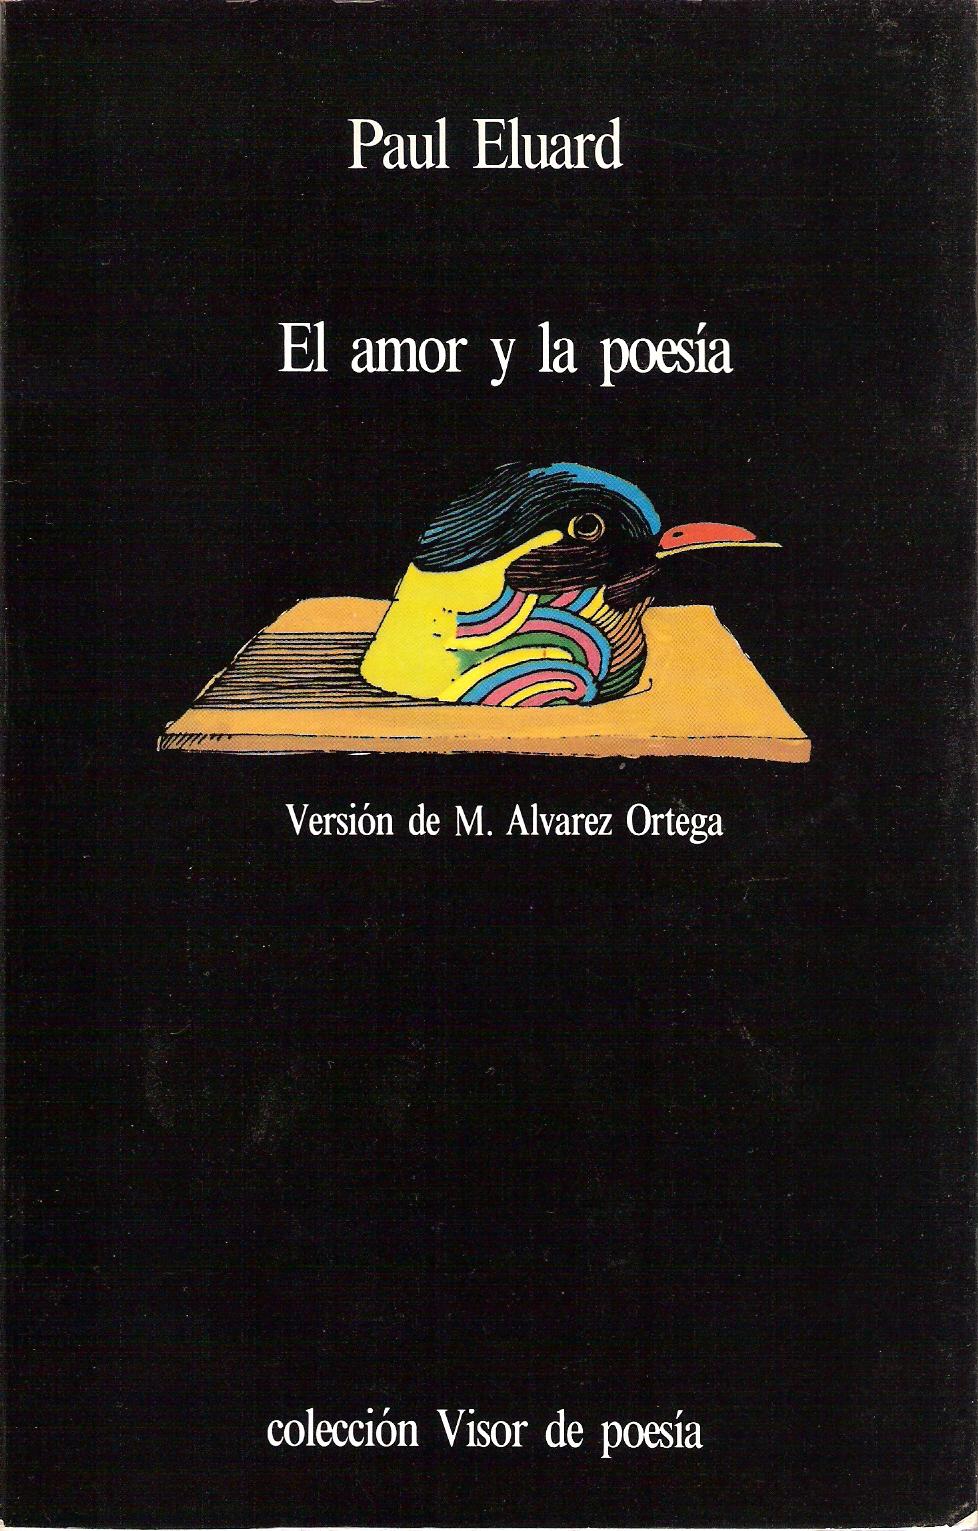 El amor y la poesía